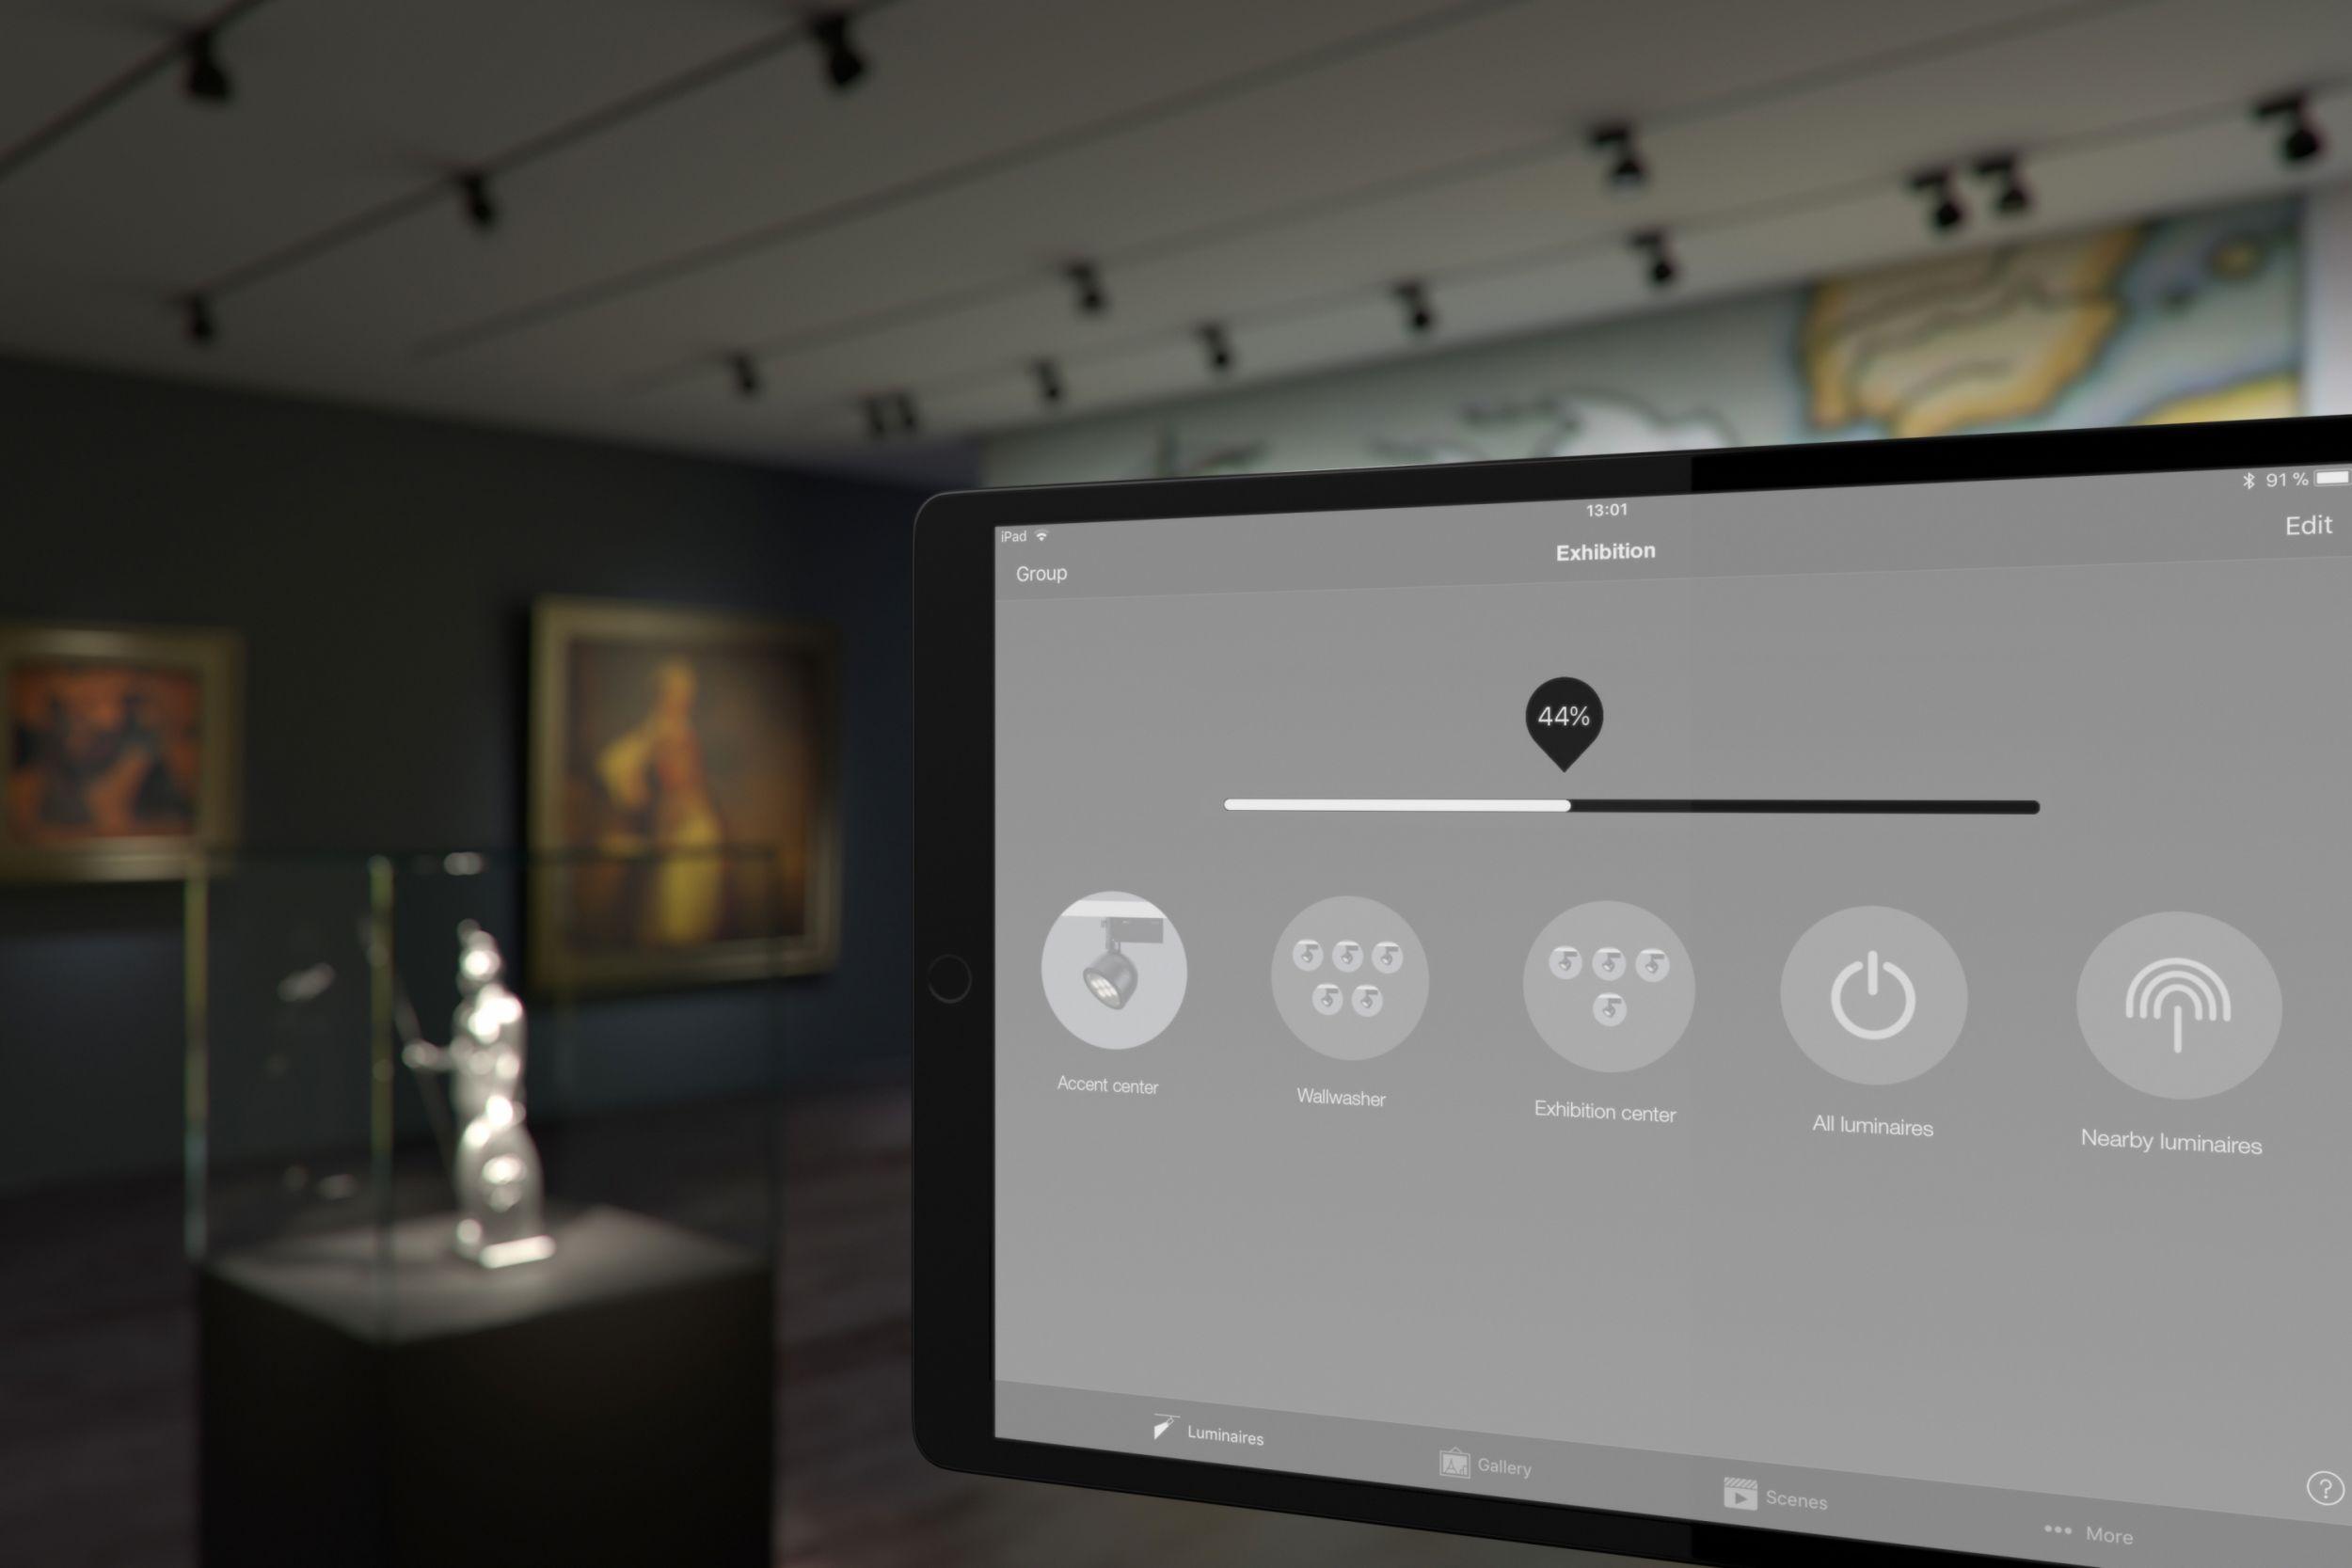 Leuchten individuell schalten und dimmen, Lichtszenen und Übergänge einrichten, Sensoren einbinden: Das ermöglicht die Bluetooth-Steuerung, die Erco als neue Option bei ausgewählten Leuchten für Stromschienen anbietet. (Bild: Erco GmbH)